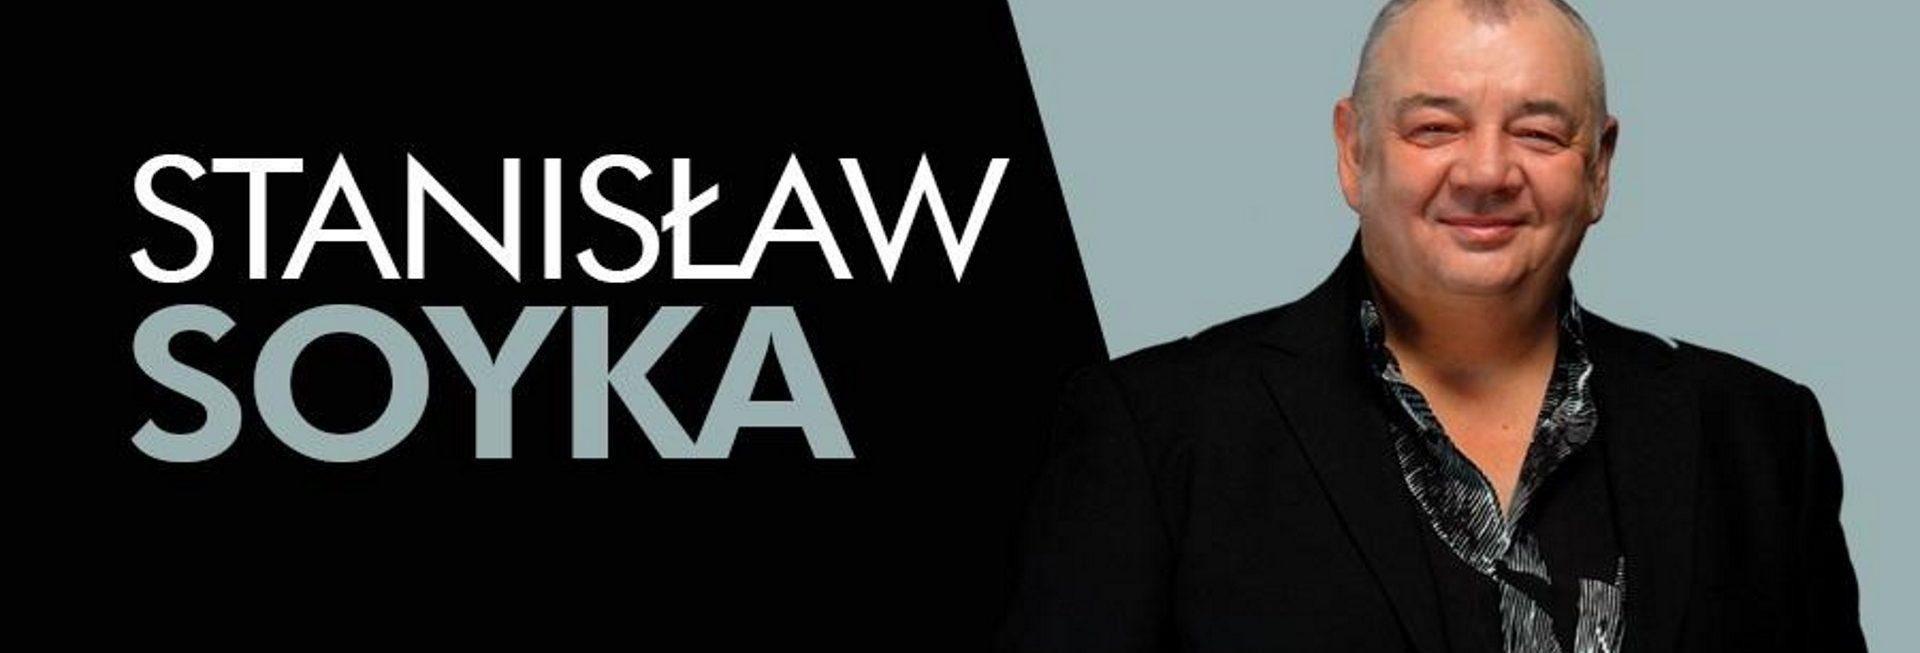 Na zdjęciu piosenkarz, kompozytor Stanisław Soyka.